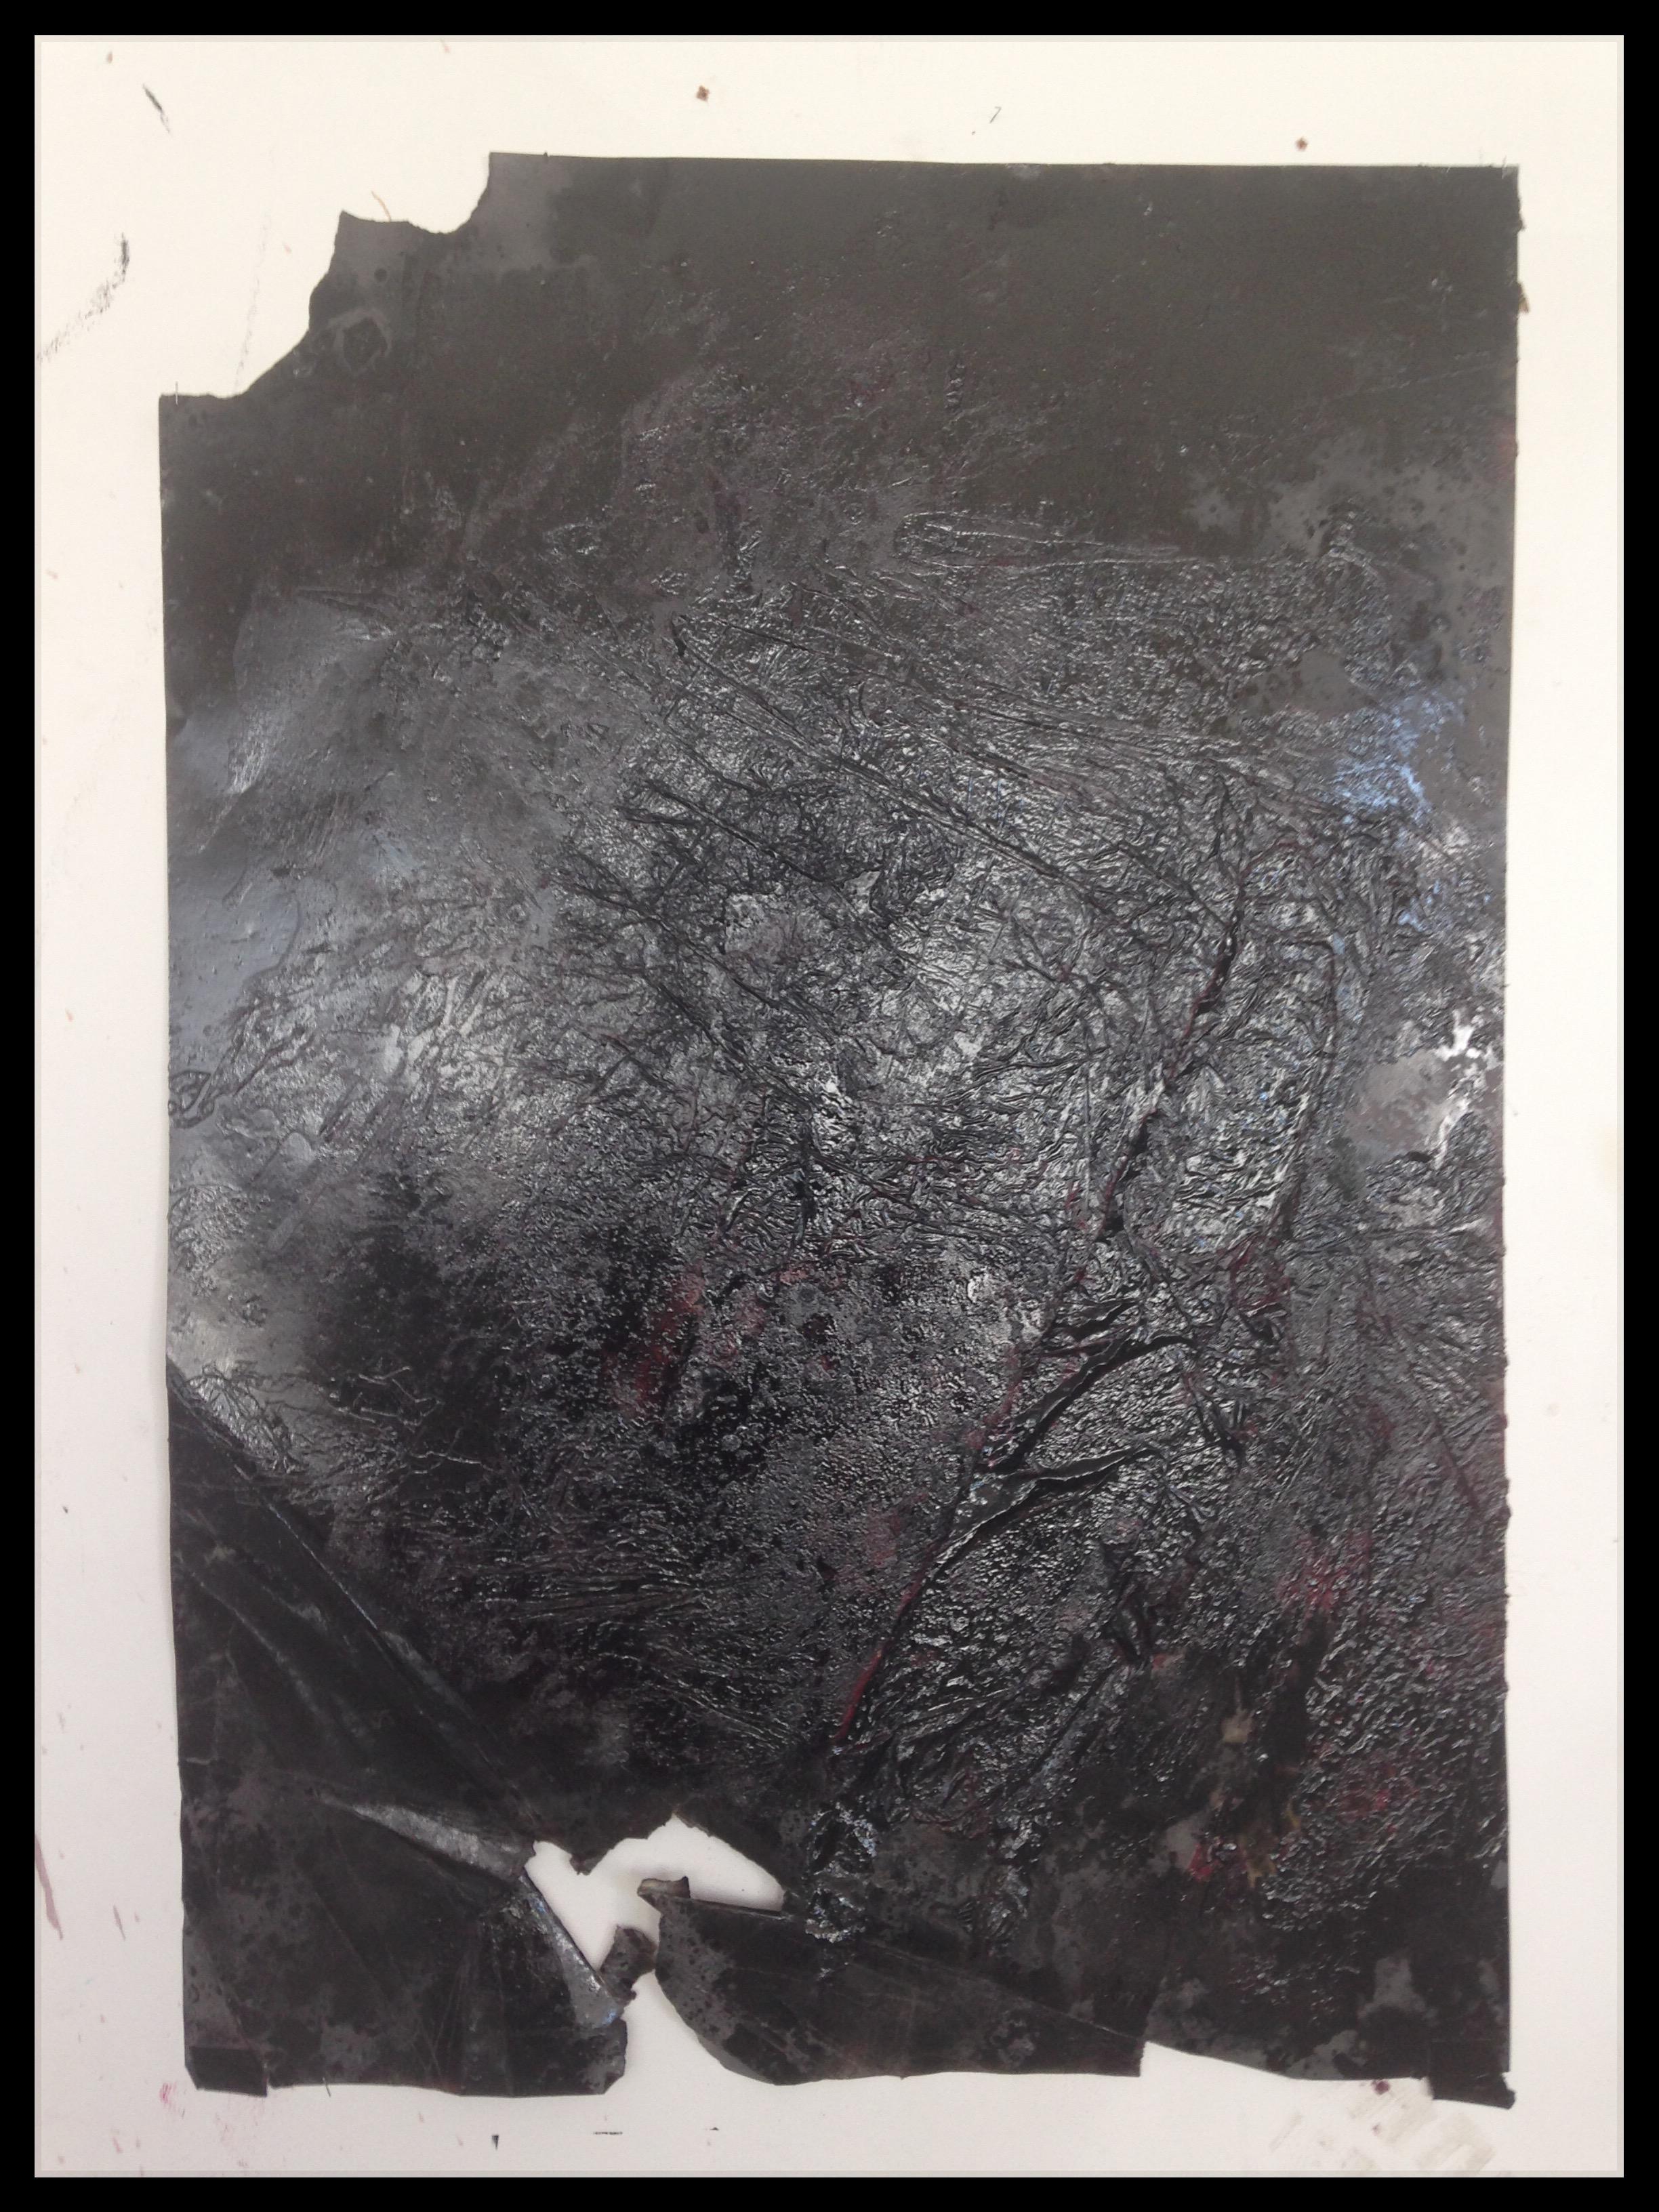 Piotr Janas, Beztytułu, 2014, 100x70 cm + oprawa, olej, lakier, farba ftalowa napapierze